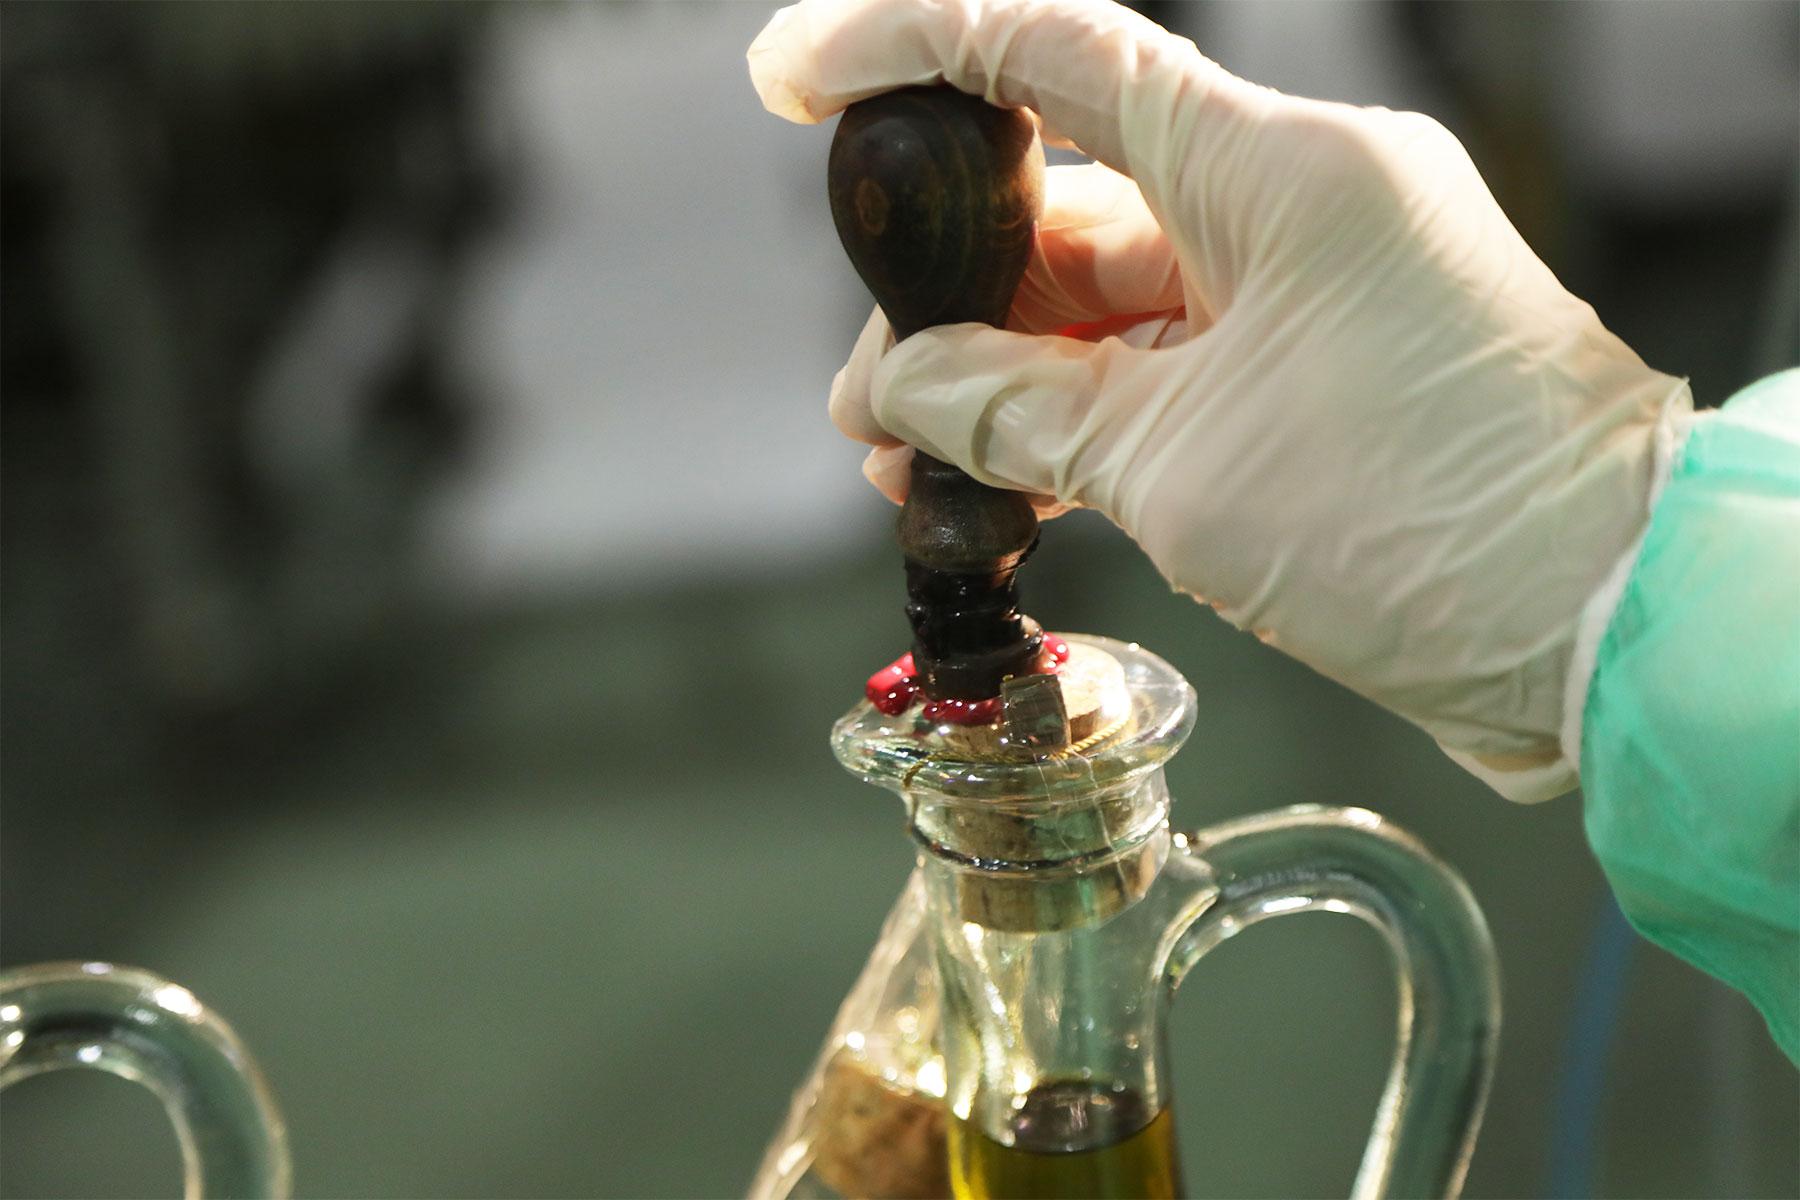 Aceite-de-oliva-virgen-extra---Aceitex---embotellado2